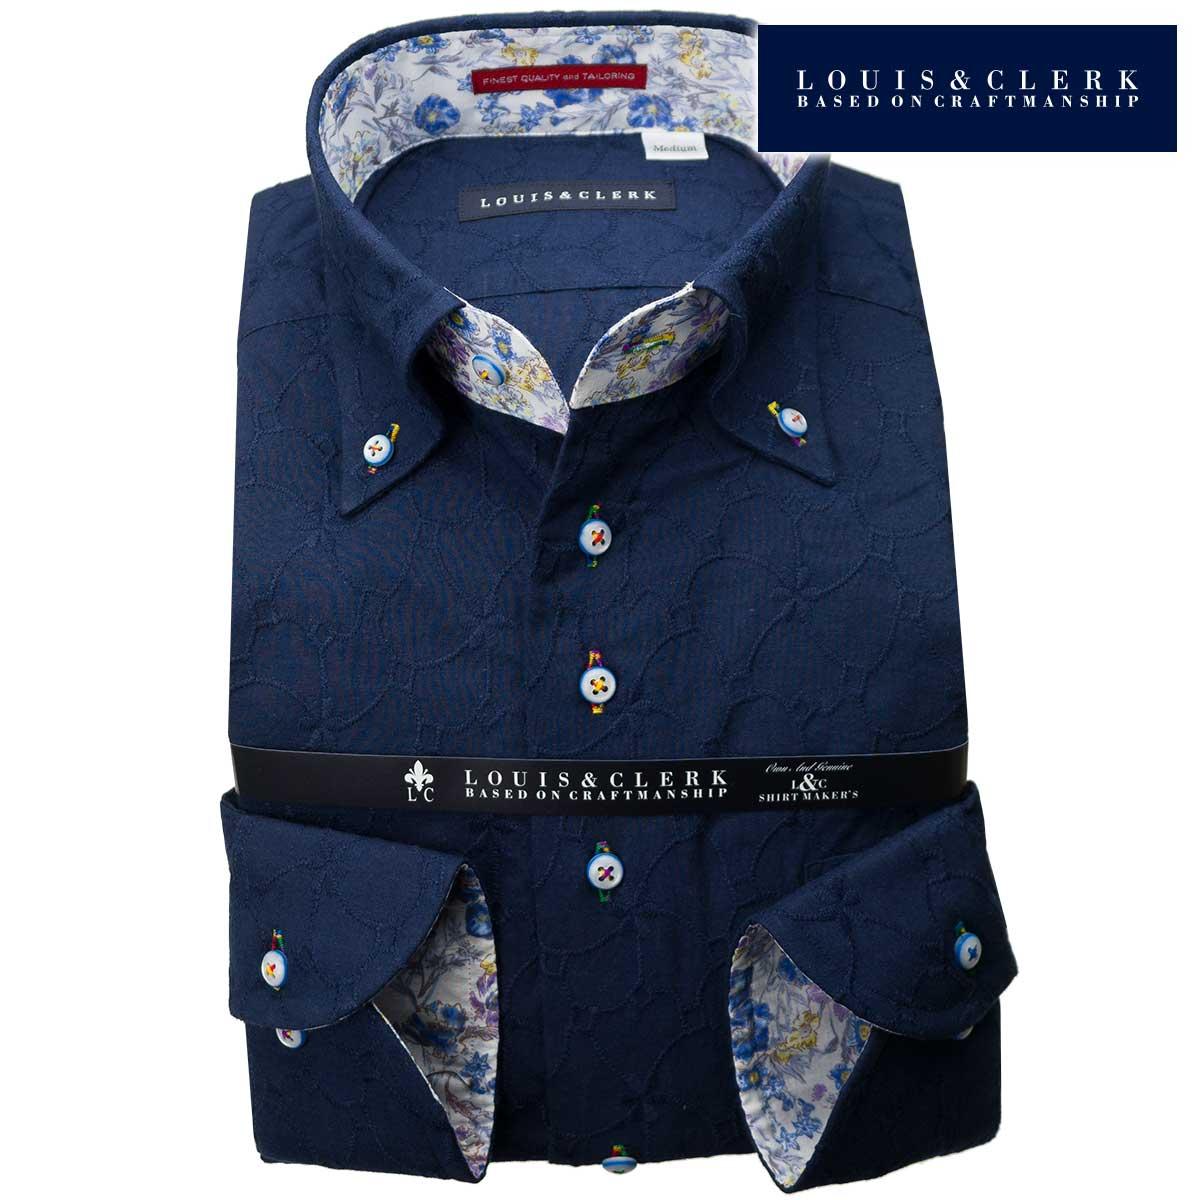 1901 国産長袖純綿ドレスシャツ コンフォート ボタンダウン ダークネイビー レース タイル柄・花柄メンズ fs3gm 派手 個性的 オシャレ